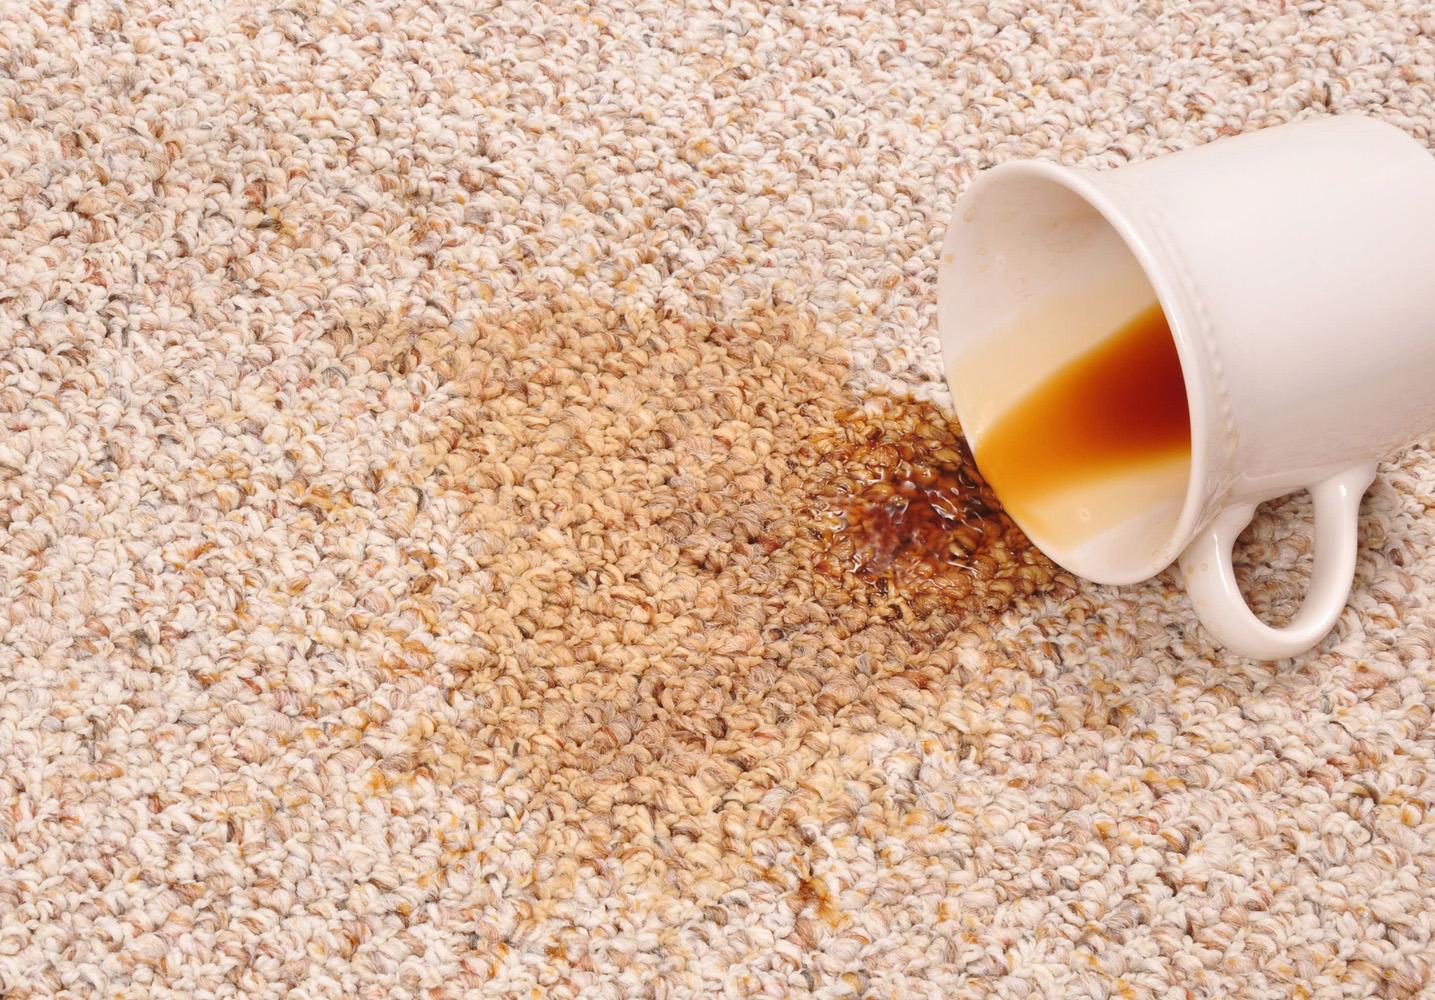 Загрязнение ковра чаем